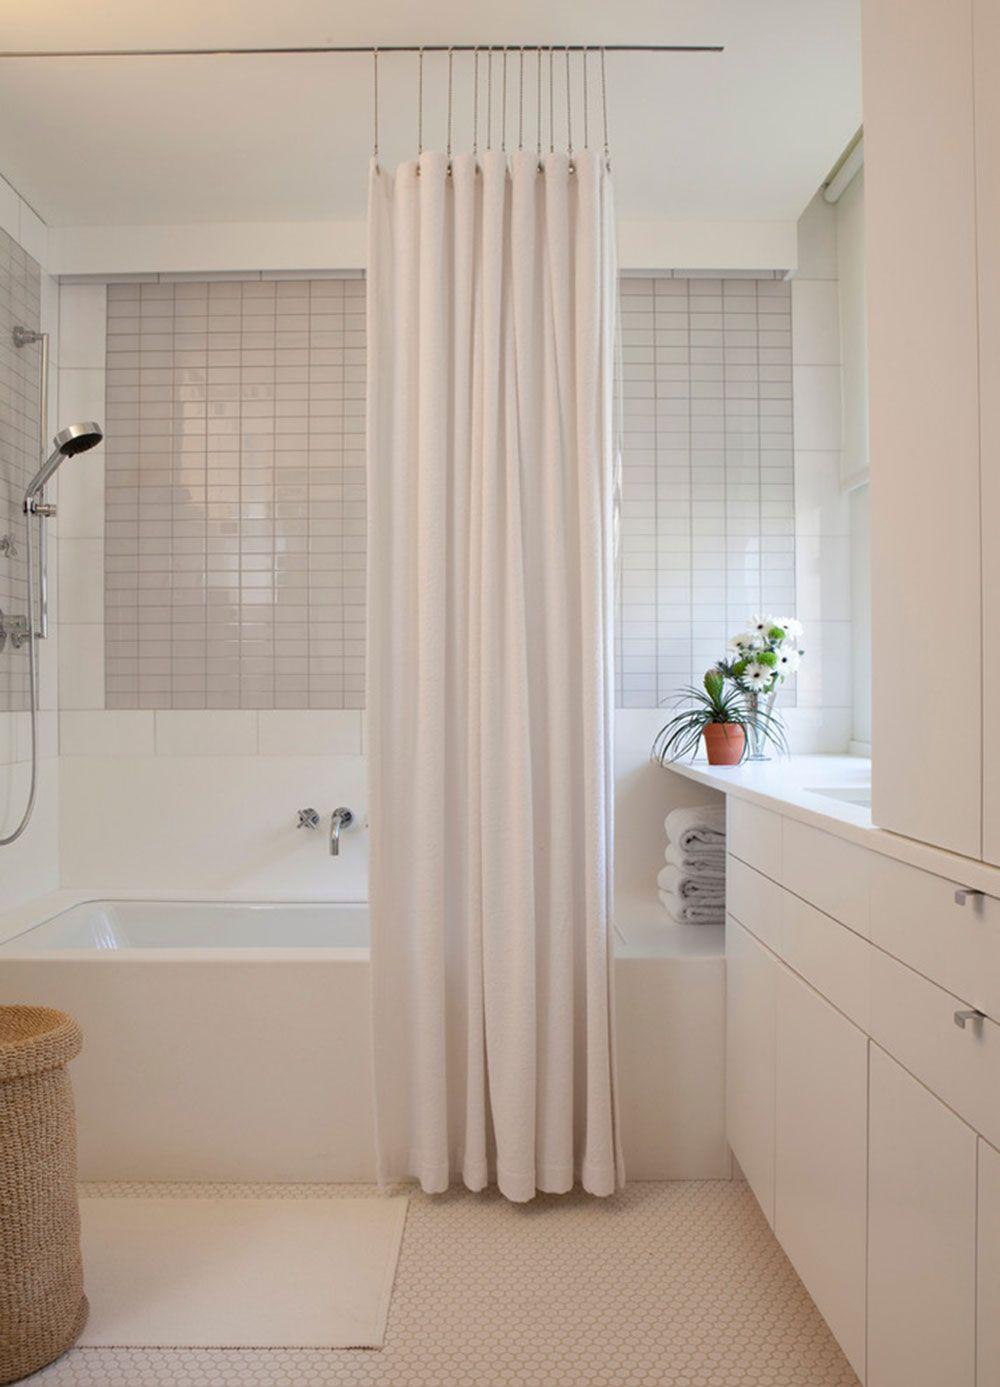 11 magnifiques rideaux de douche suivant les tendances d co actuelles en 2018 un appart. Black Bedroom Furniture Sets. Home Design Ideas